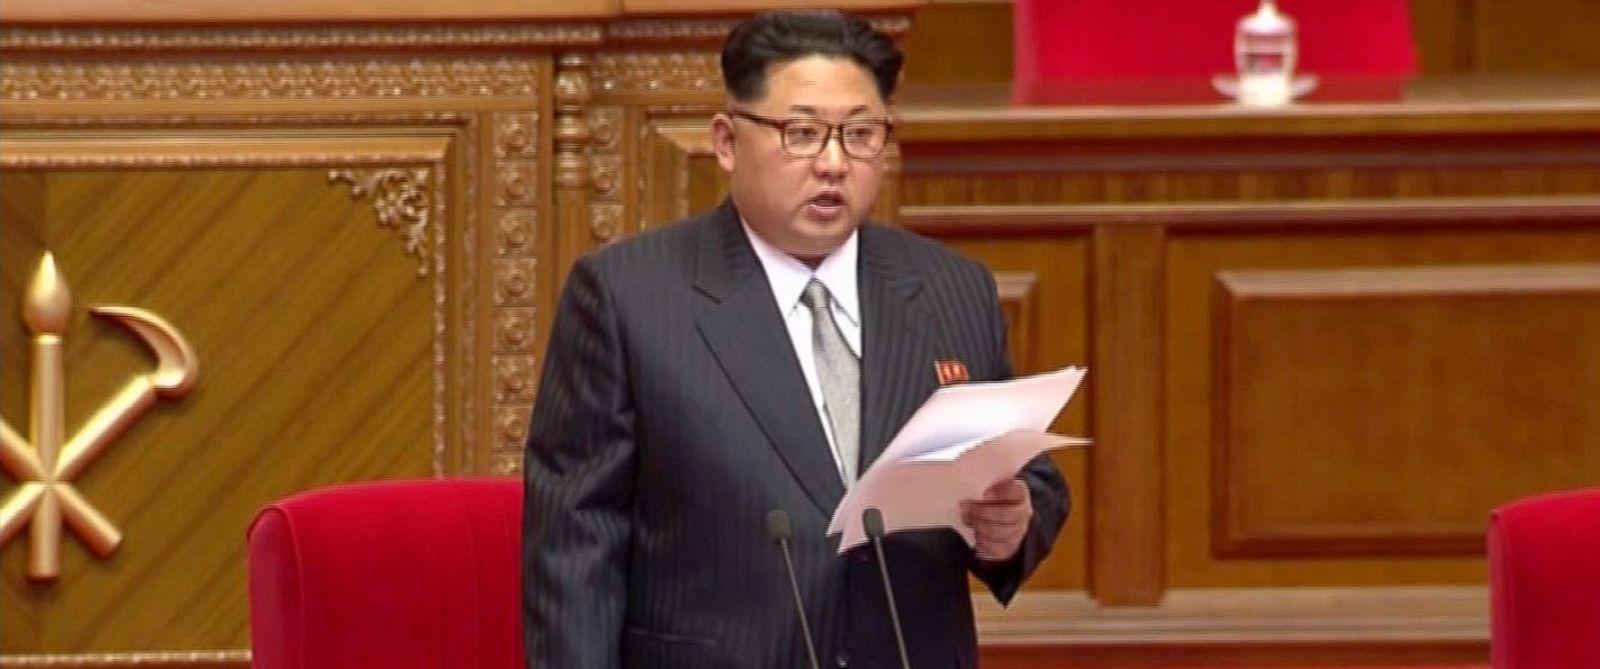 Triều Tiên: Mỹ trừng phạt Kim Jong-un là tuyên chiến - 1